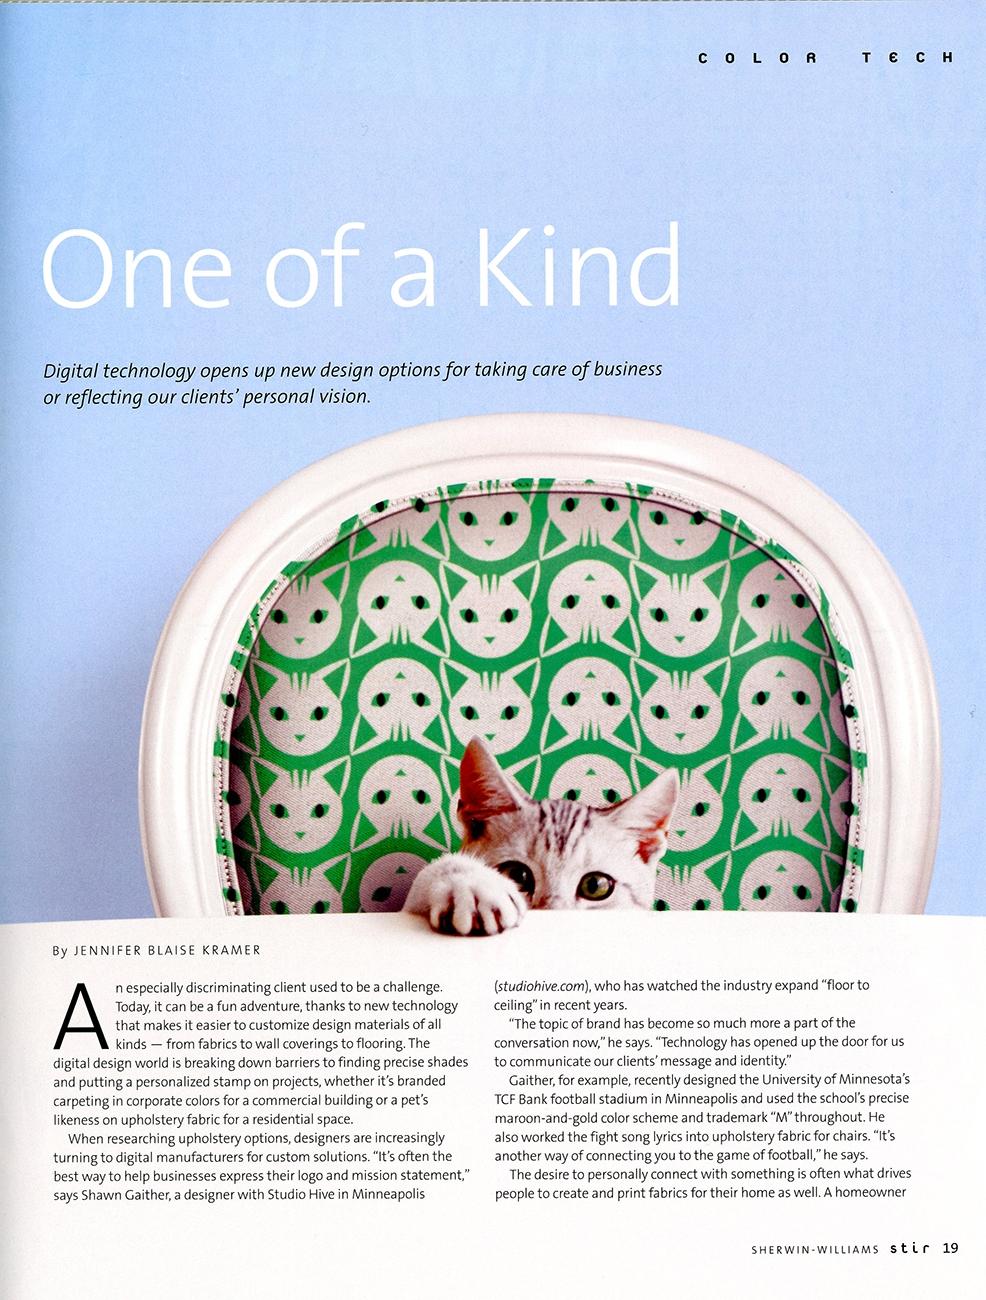 Fabrics Based on Your Pet - Stir Magazine